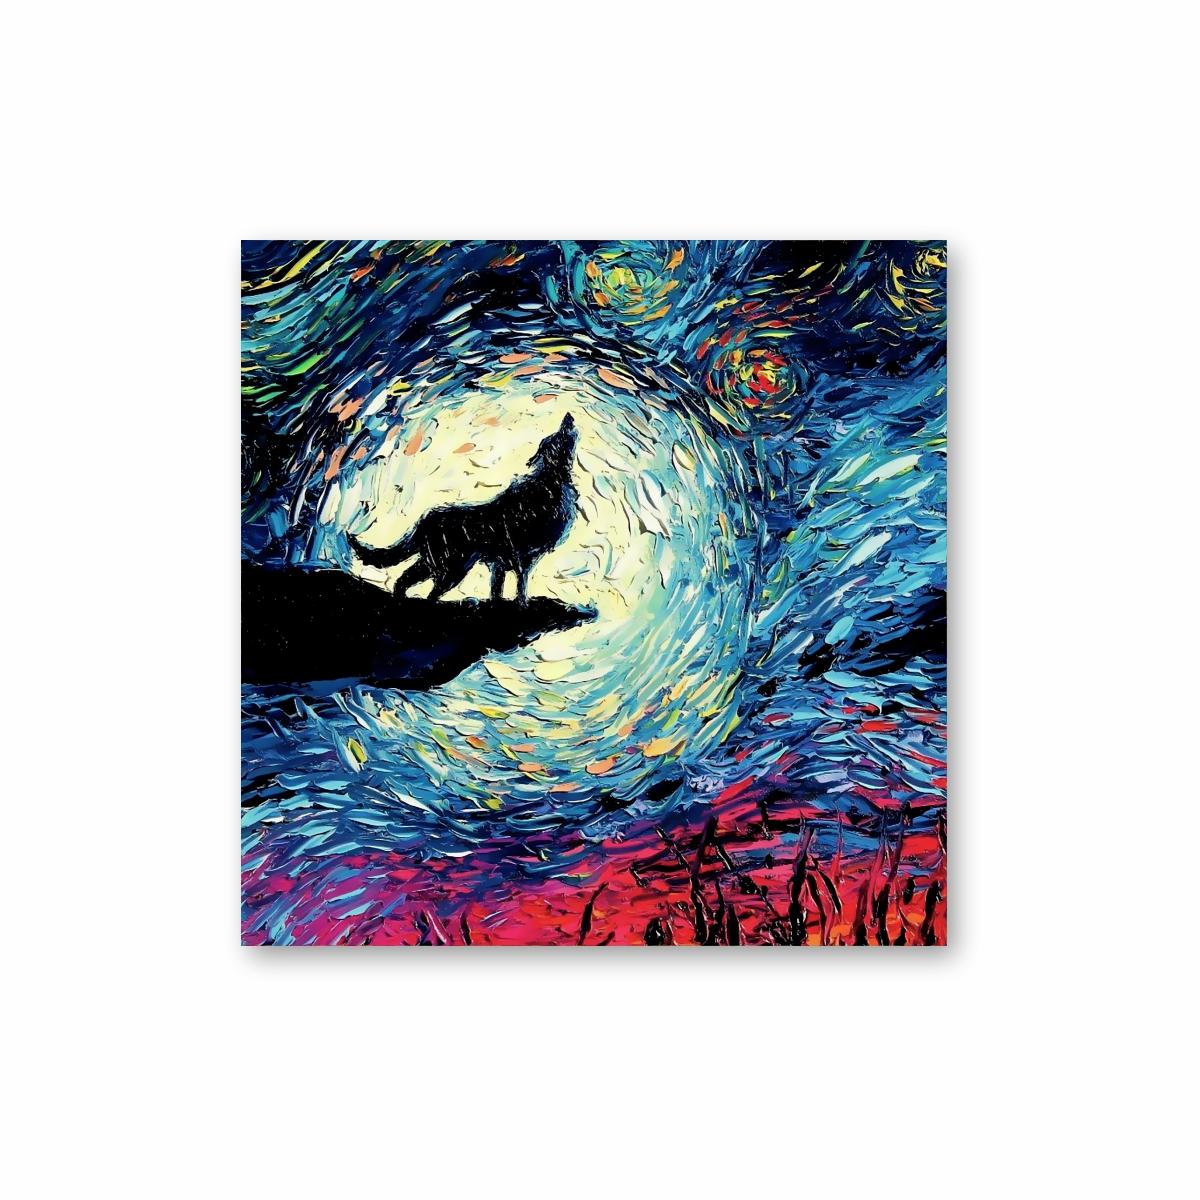 Quadro em Tela Canvas Lobo Uivando Noite Estrelada 40x40